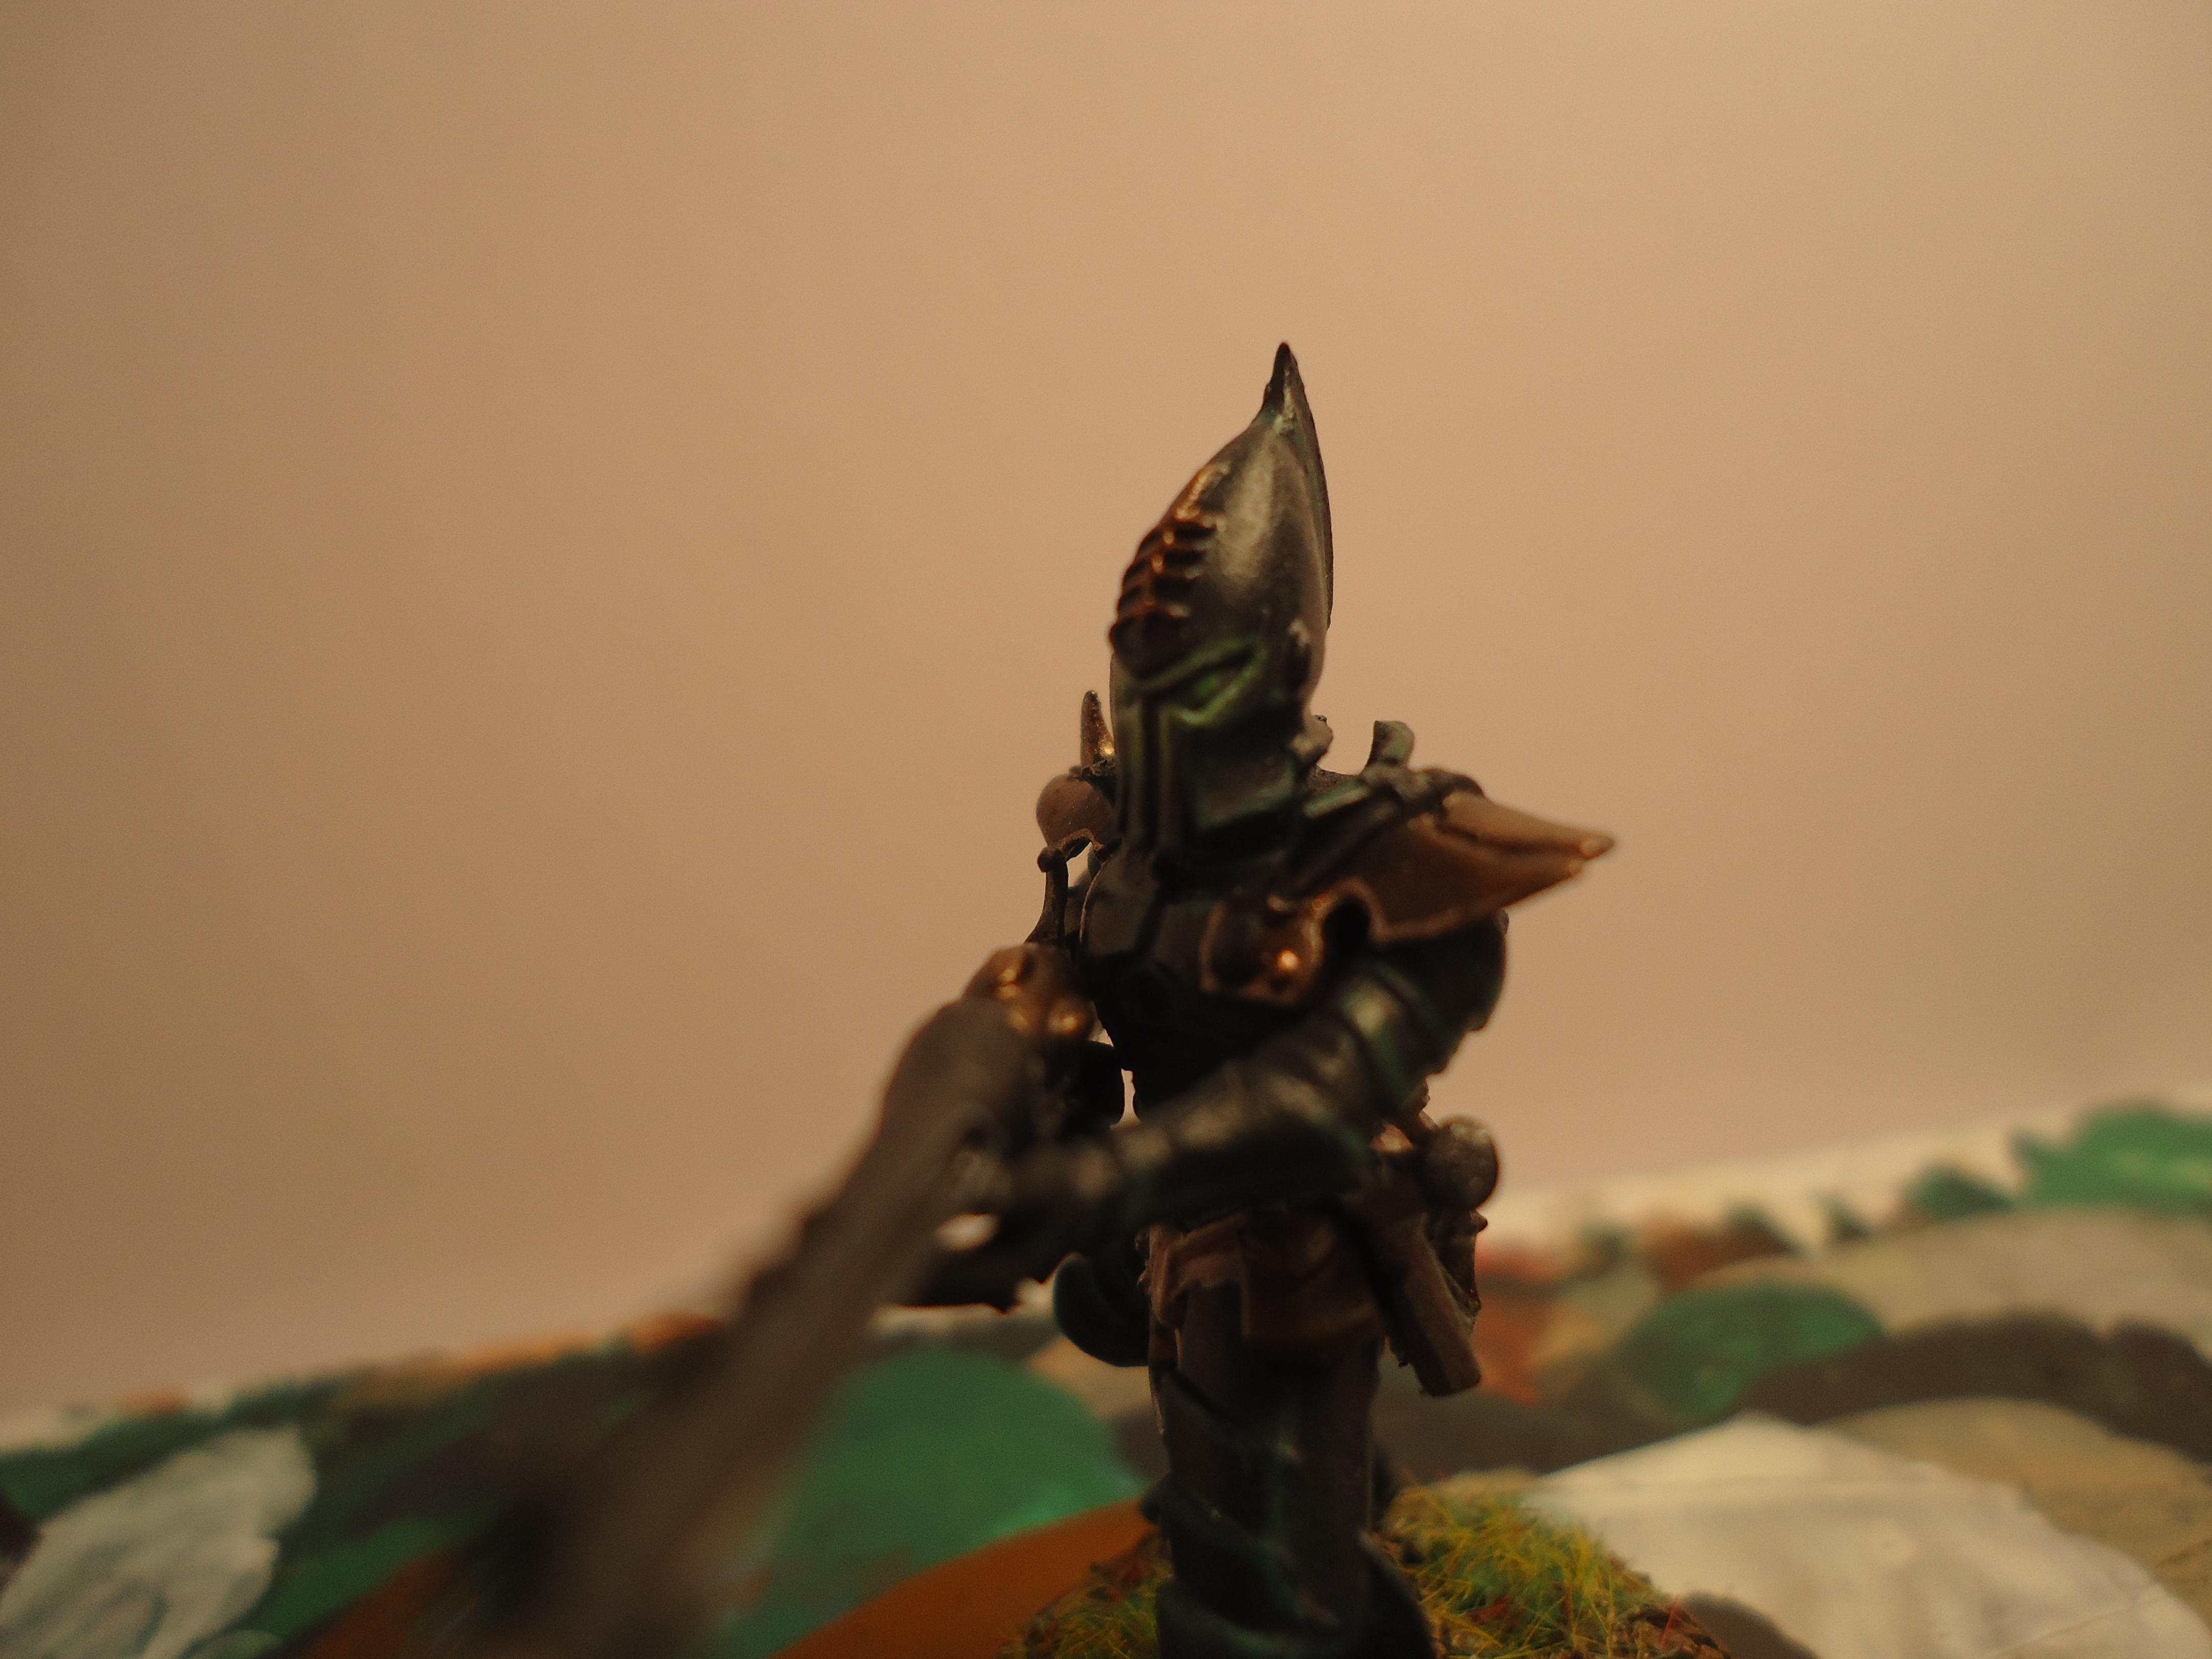 Dark Eldar, Kabalite, Object Source Lighting, Warriors